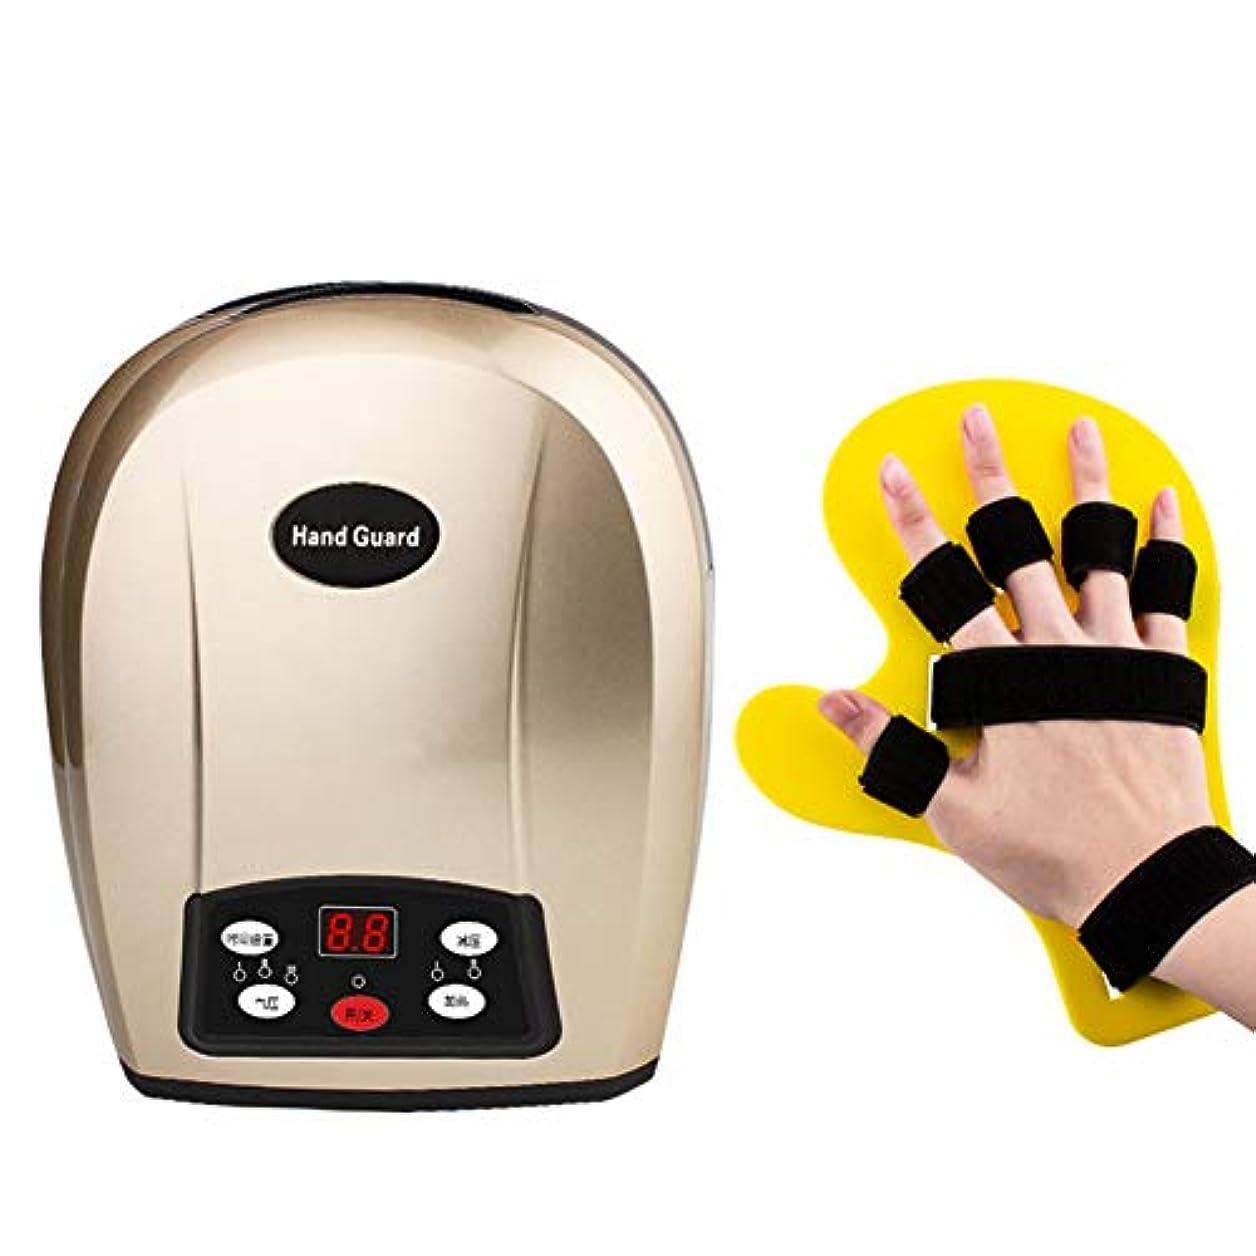 デッドアナリスト悔い改める関節炎の鎮痛、調節可能な圧力とタイマーのための混練と熱療法を備えた電動ハンドマッサージ器,MassagerAndFingerSeparator